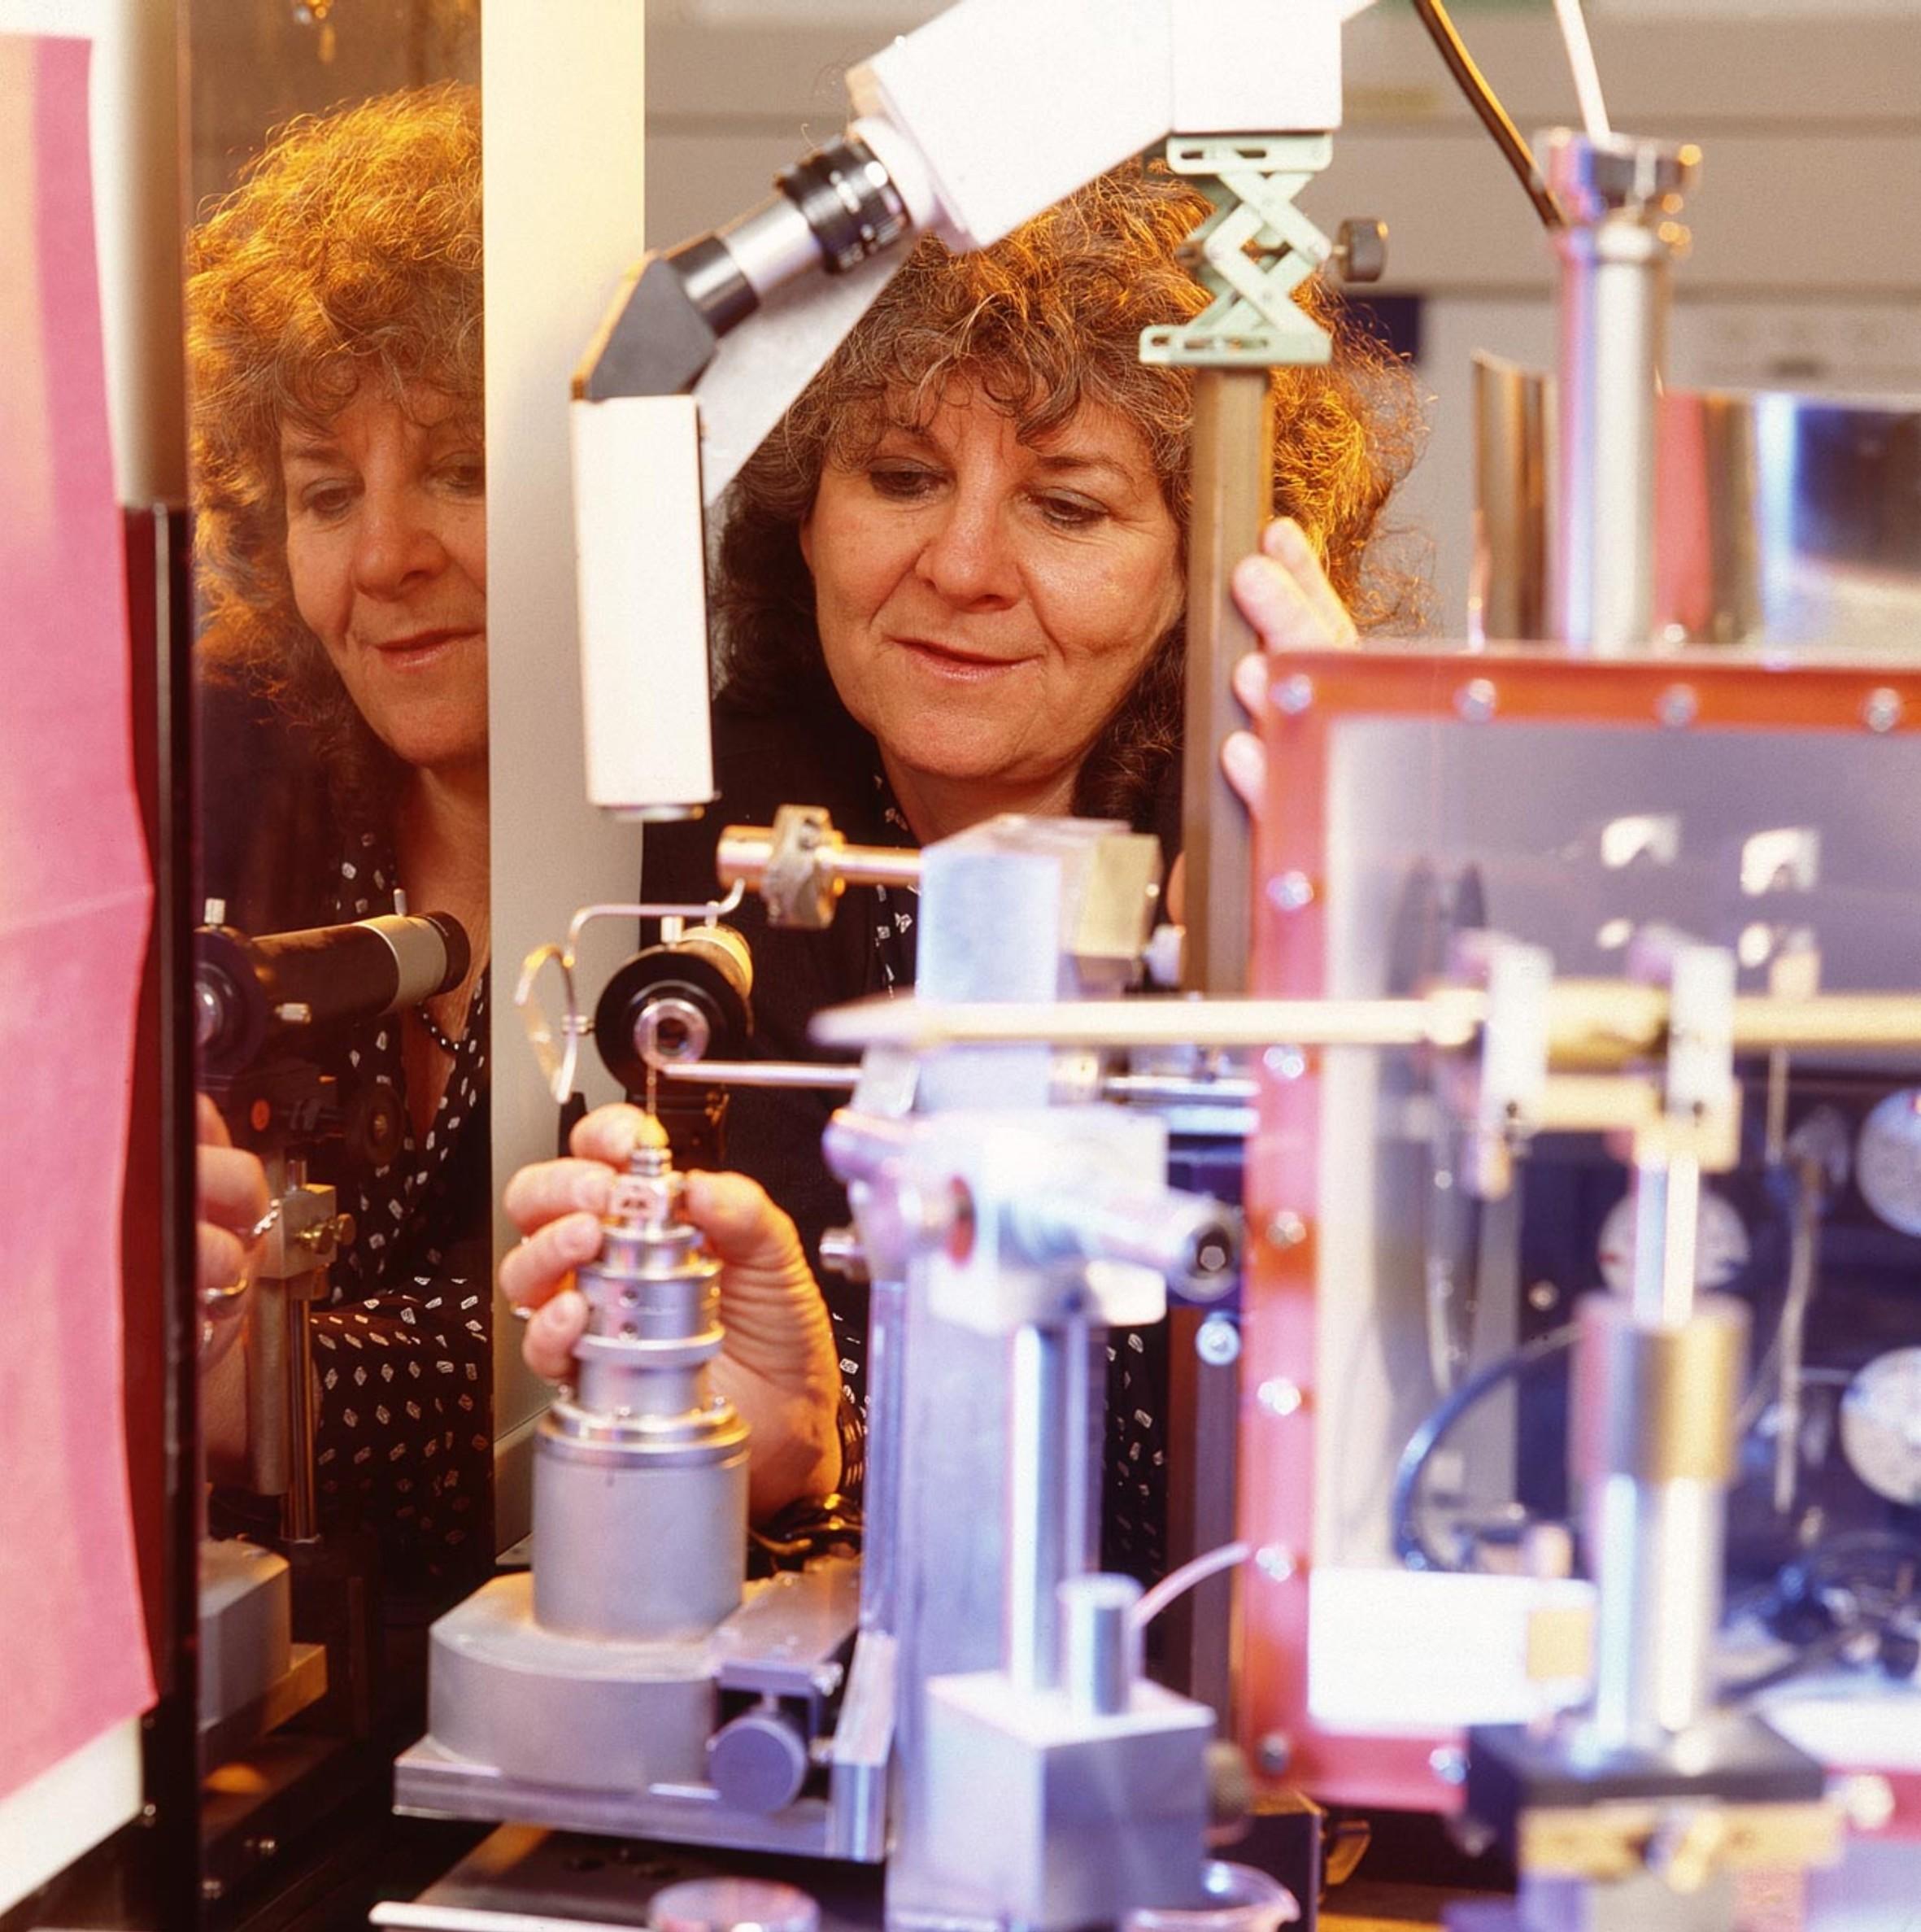 Ada Yonath em laboratório em Israel (Foto: Miki Koren/Weizmann Institute of Science/Wikimedia Commons)